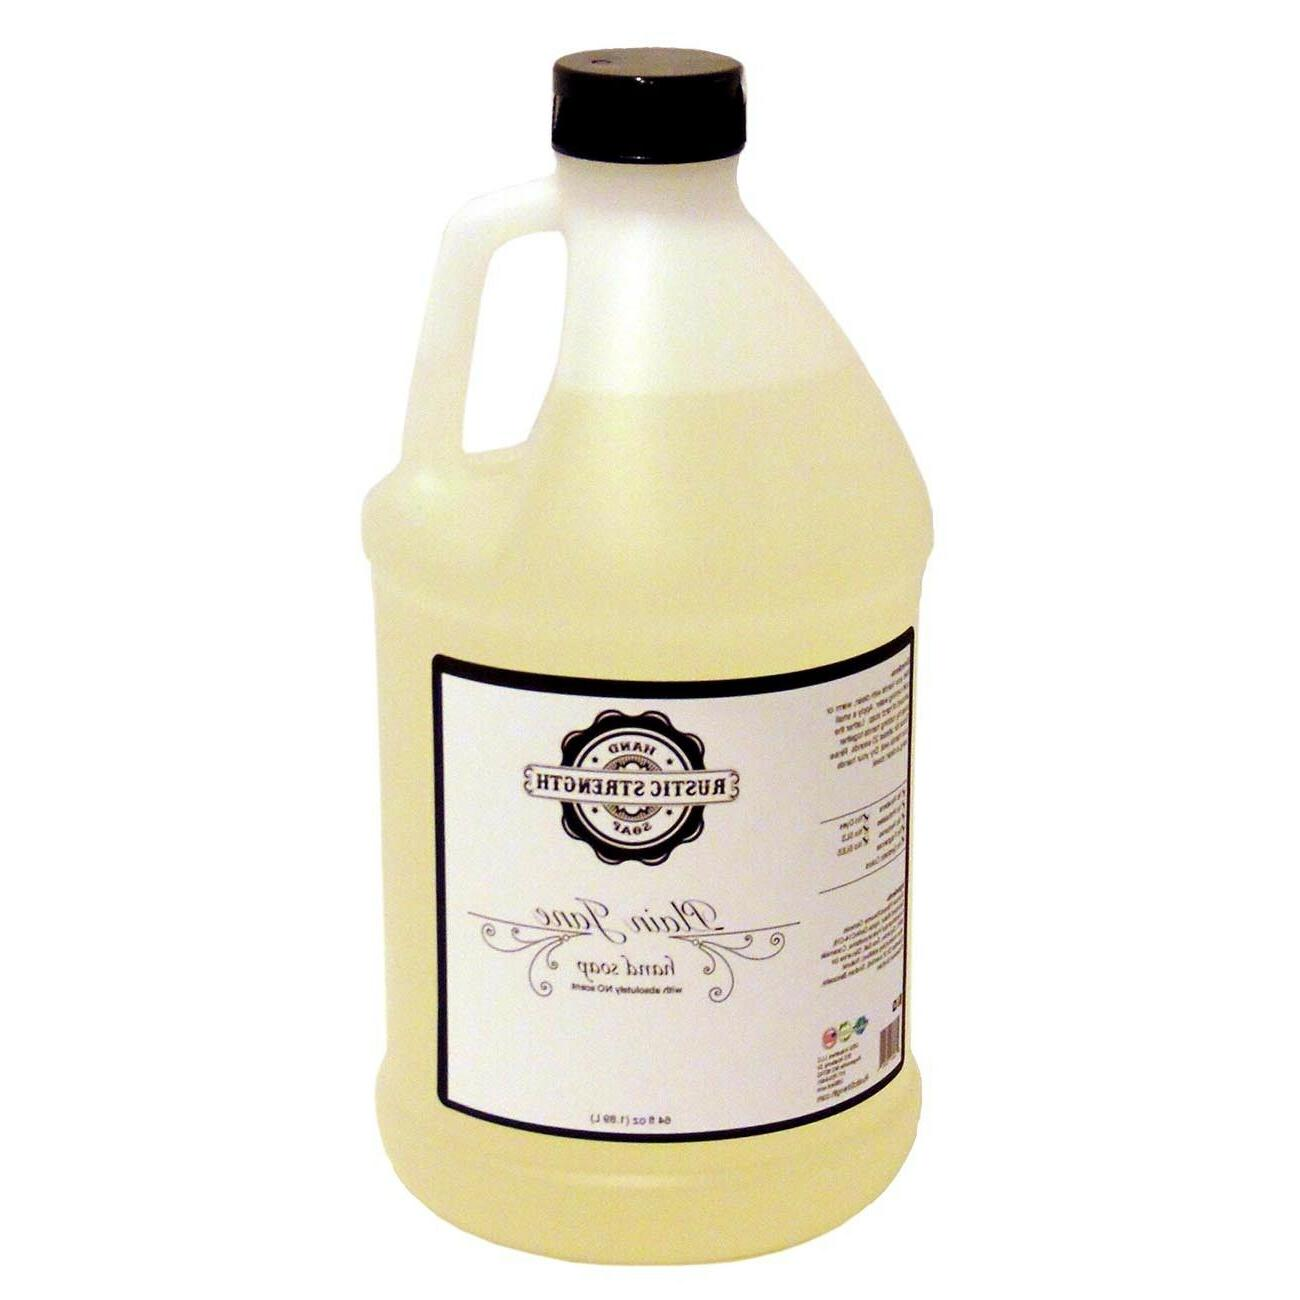 Liquid Hand Soap Plain Jane essential oil scent - 64oz conta